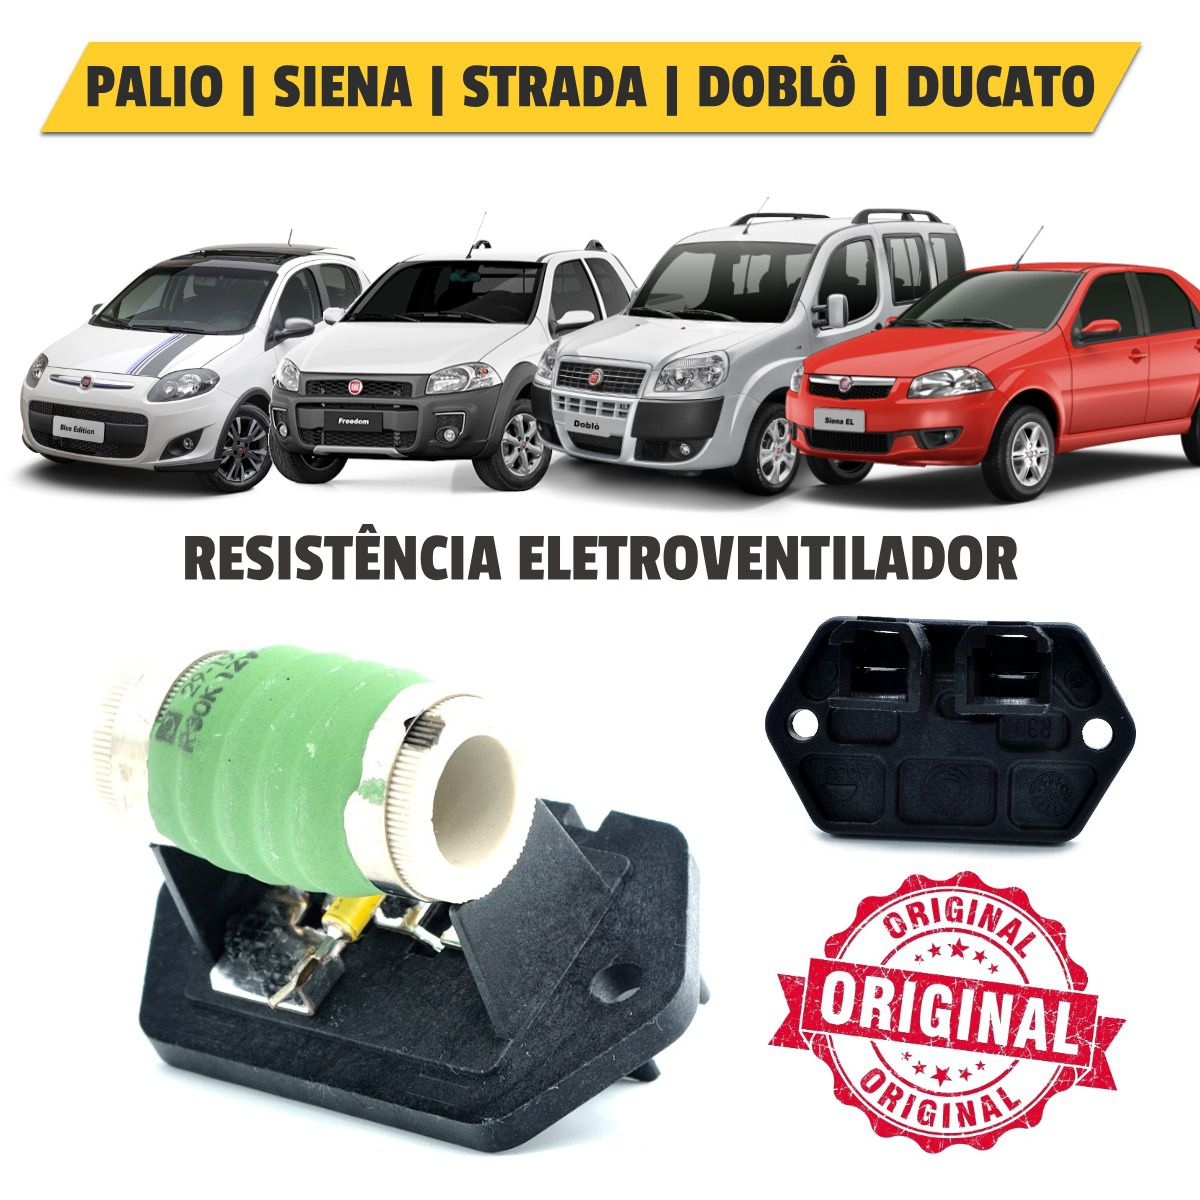 Resistência Eletroventilador Fiat Palio, Siena, Doblô, Strada, Ducato - Original